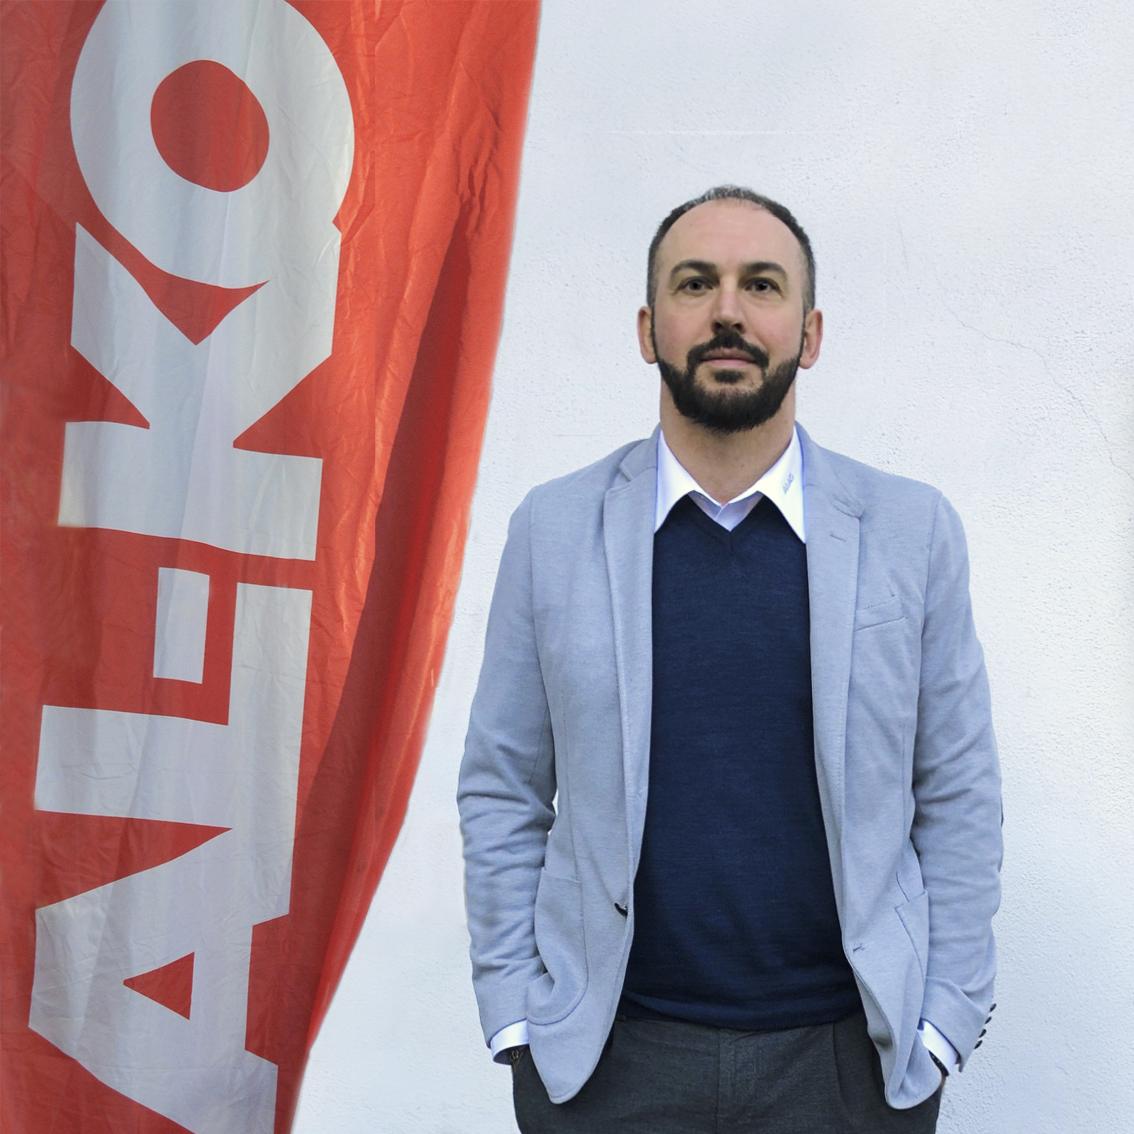 Massimiliano Ferretti è il nuovo direttore commerciale della filiale di Verona e succede ad Alessandro Marco Butturini